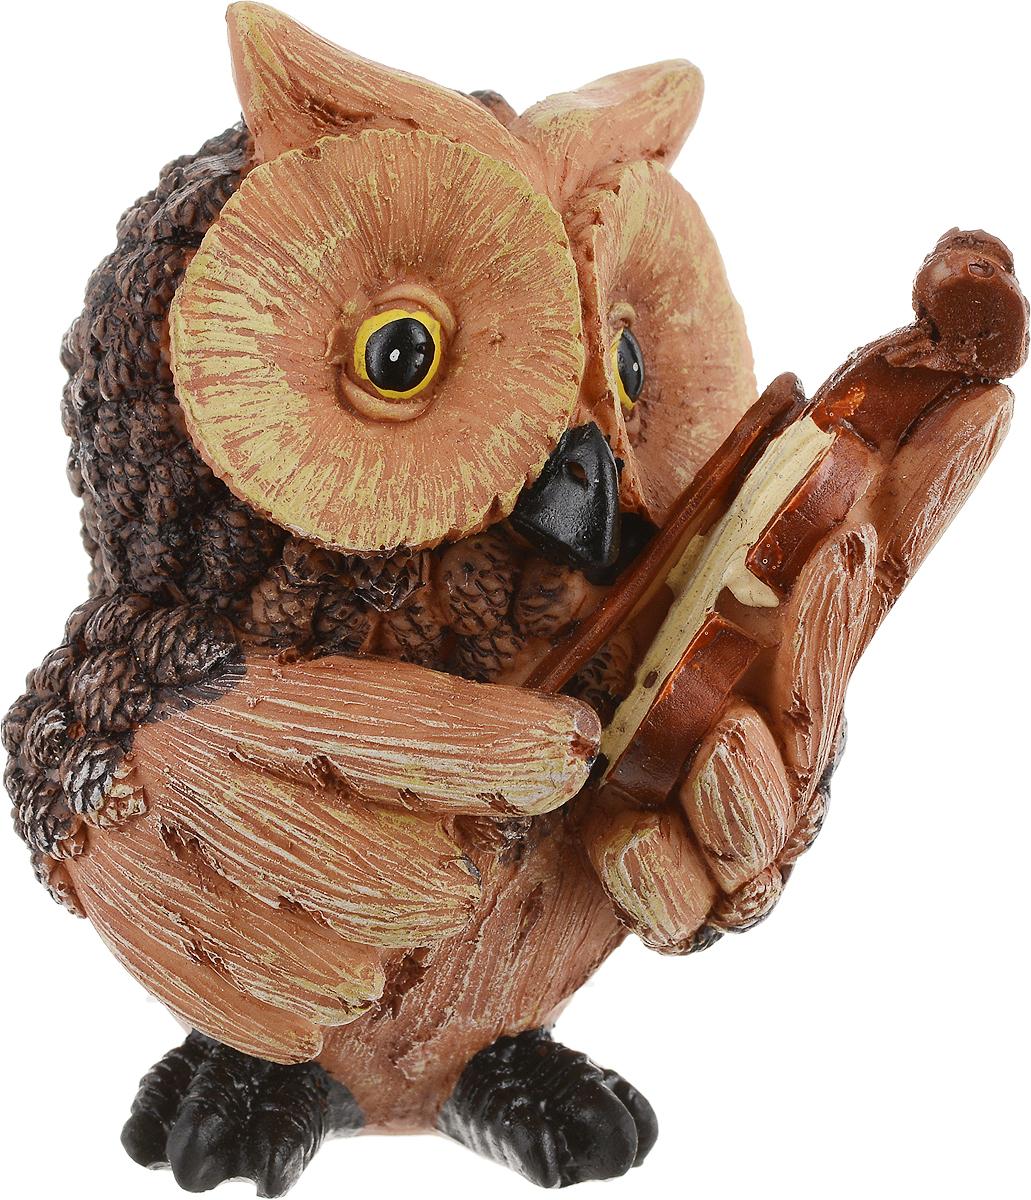 Фигурка декоративная Magic Time Сова со скрипкой. 756652268607Декоративная фигурка Magic Time Сова со скрипкой станет прекрасным дополнением кинтерьеру. Изделие, изготовленное из полирезины, выполнено в виде совы. Вы можетепоставить фигурку в любом месте, где она будет удачно смотреться и радовать глаз. Такая фигурка станет отличным подарком для близких и друзей. Размеры: 8 х 6 х 9 см.